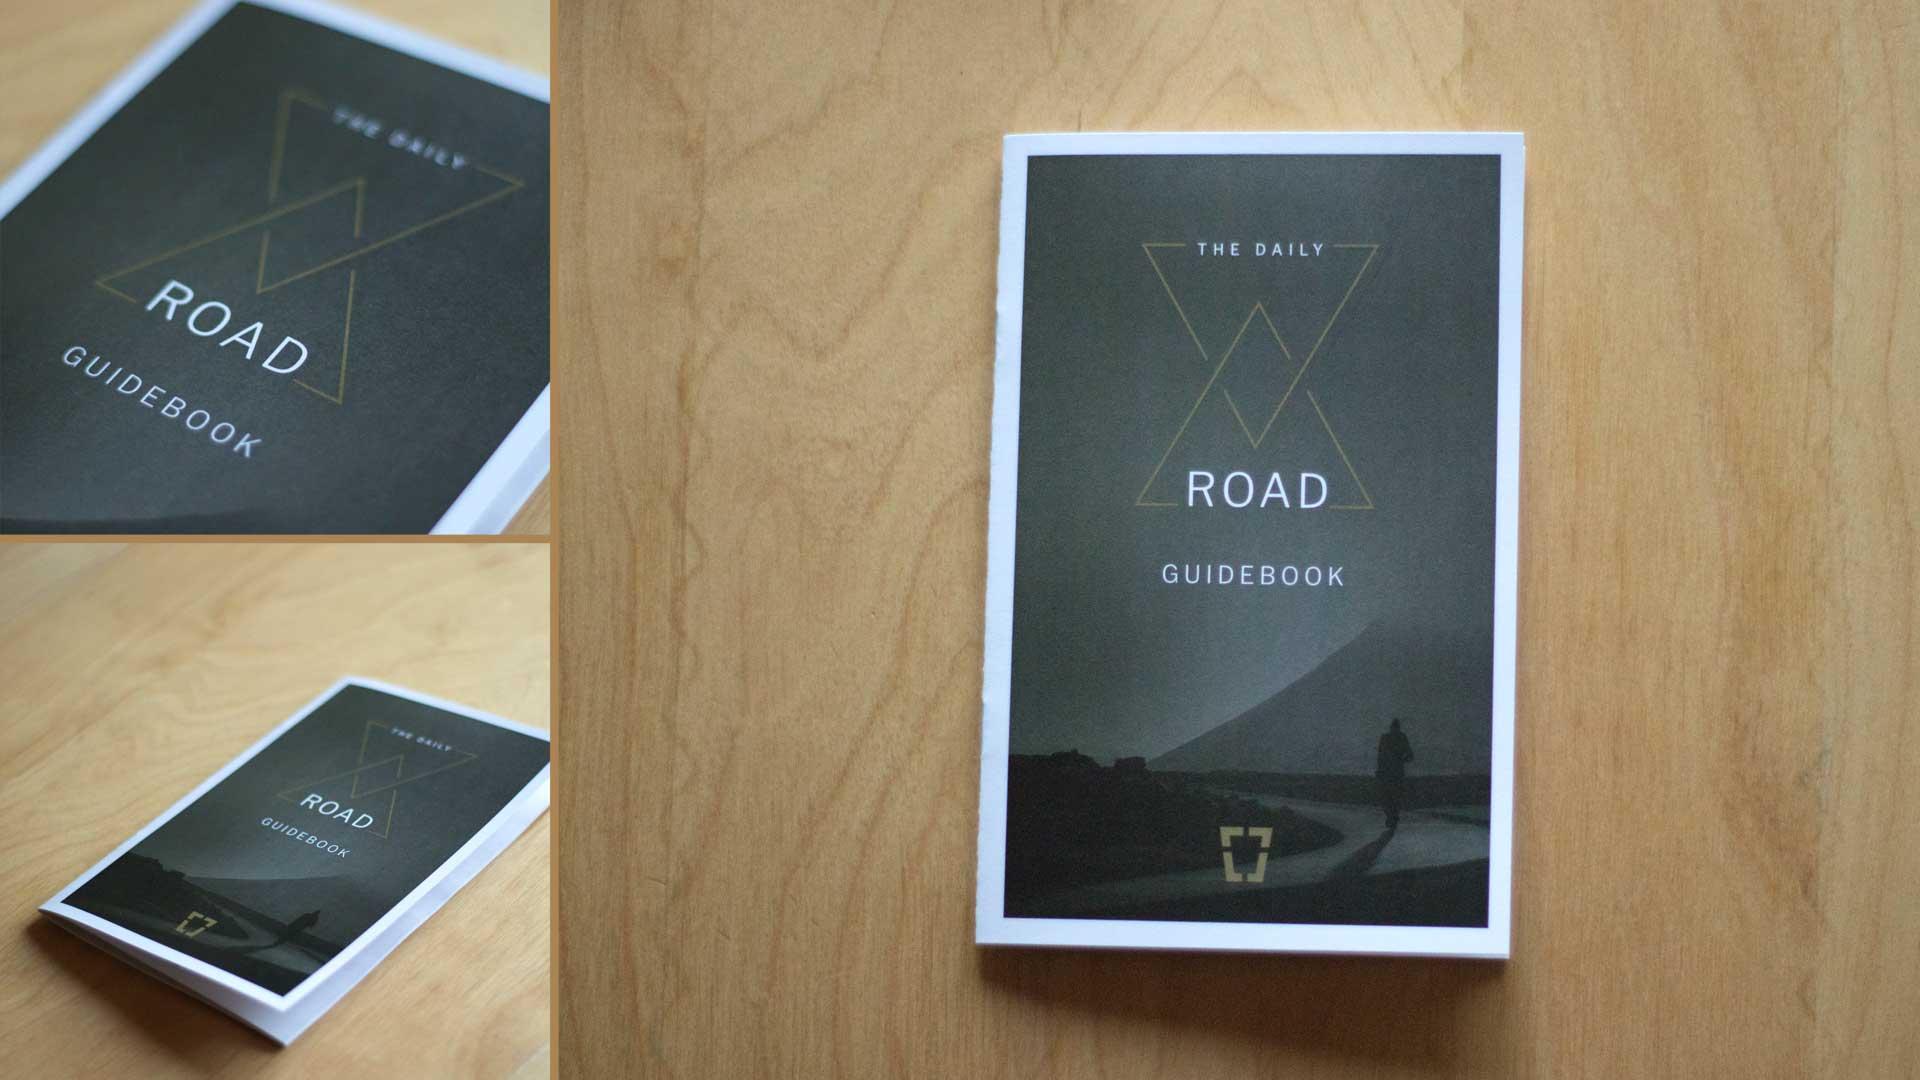 ROAD-Web-Guidebook